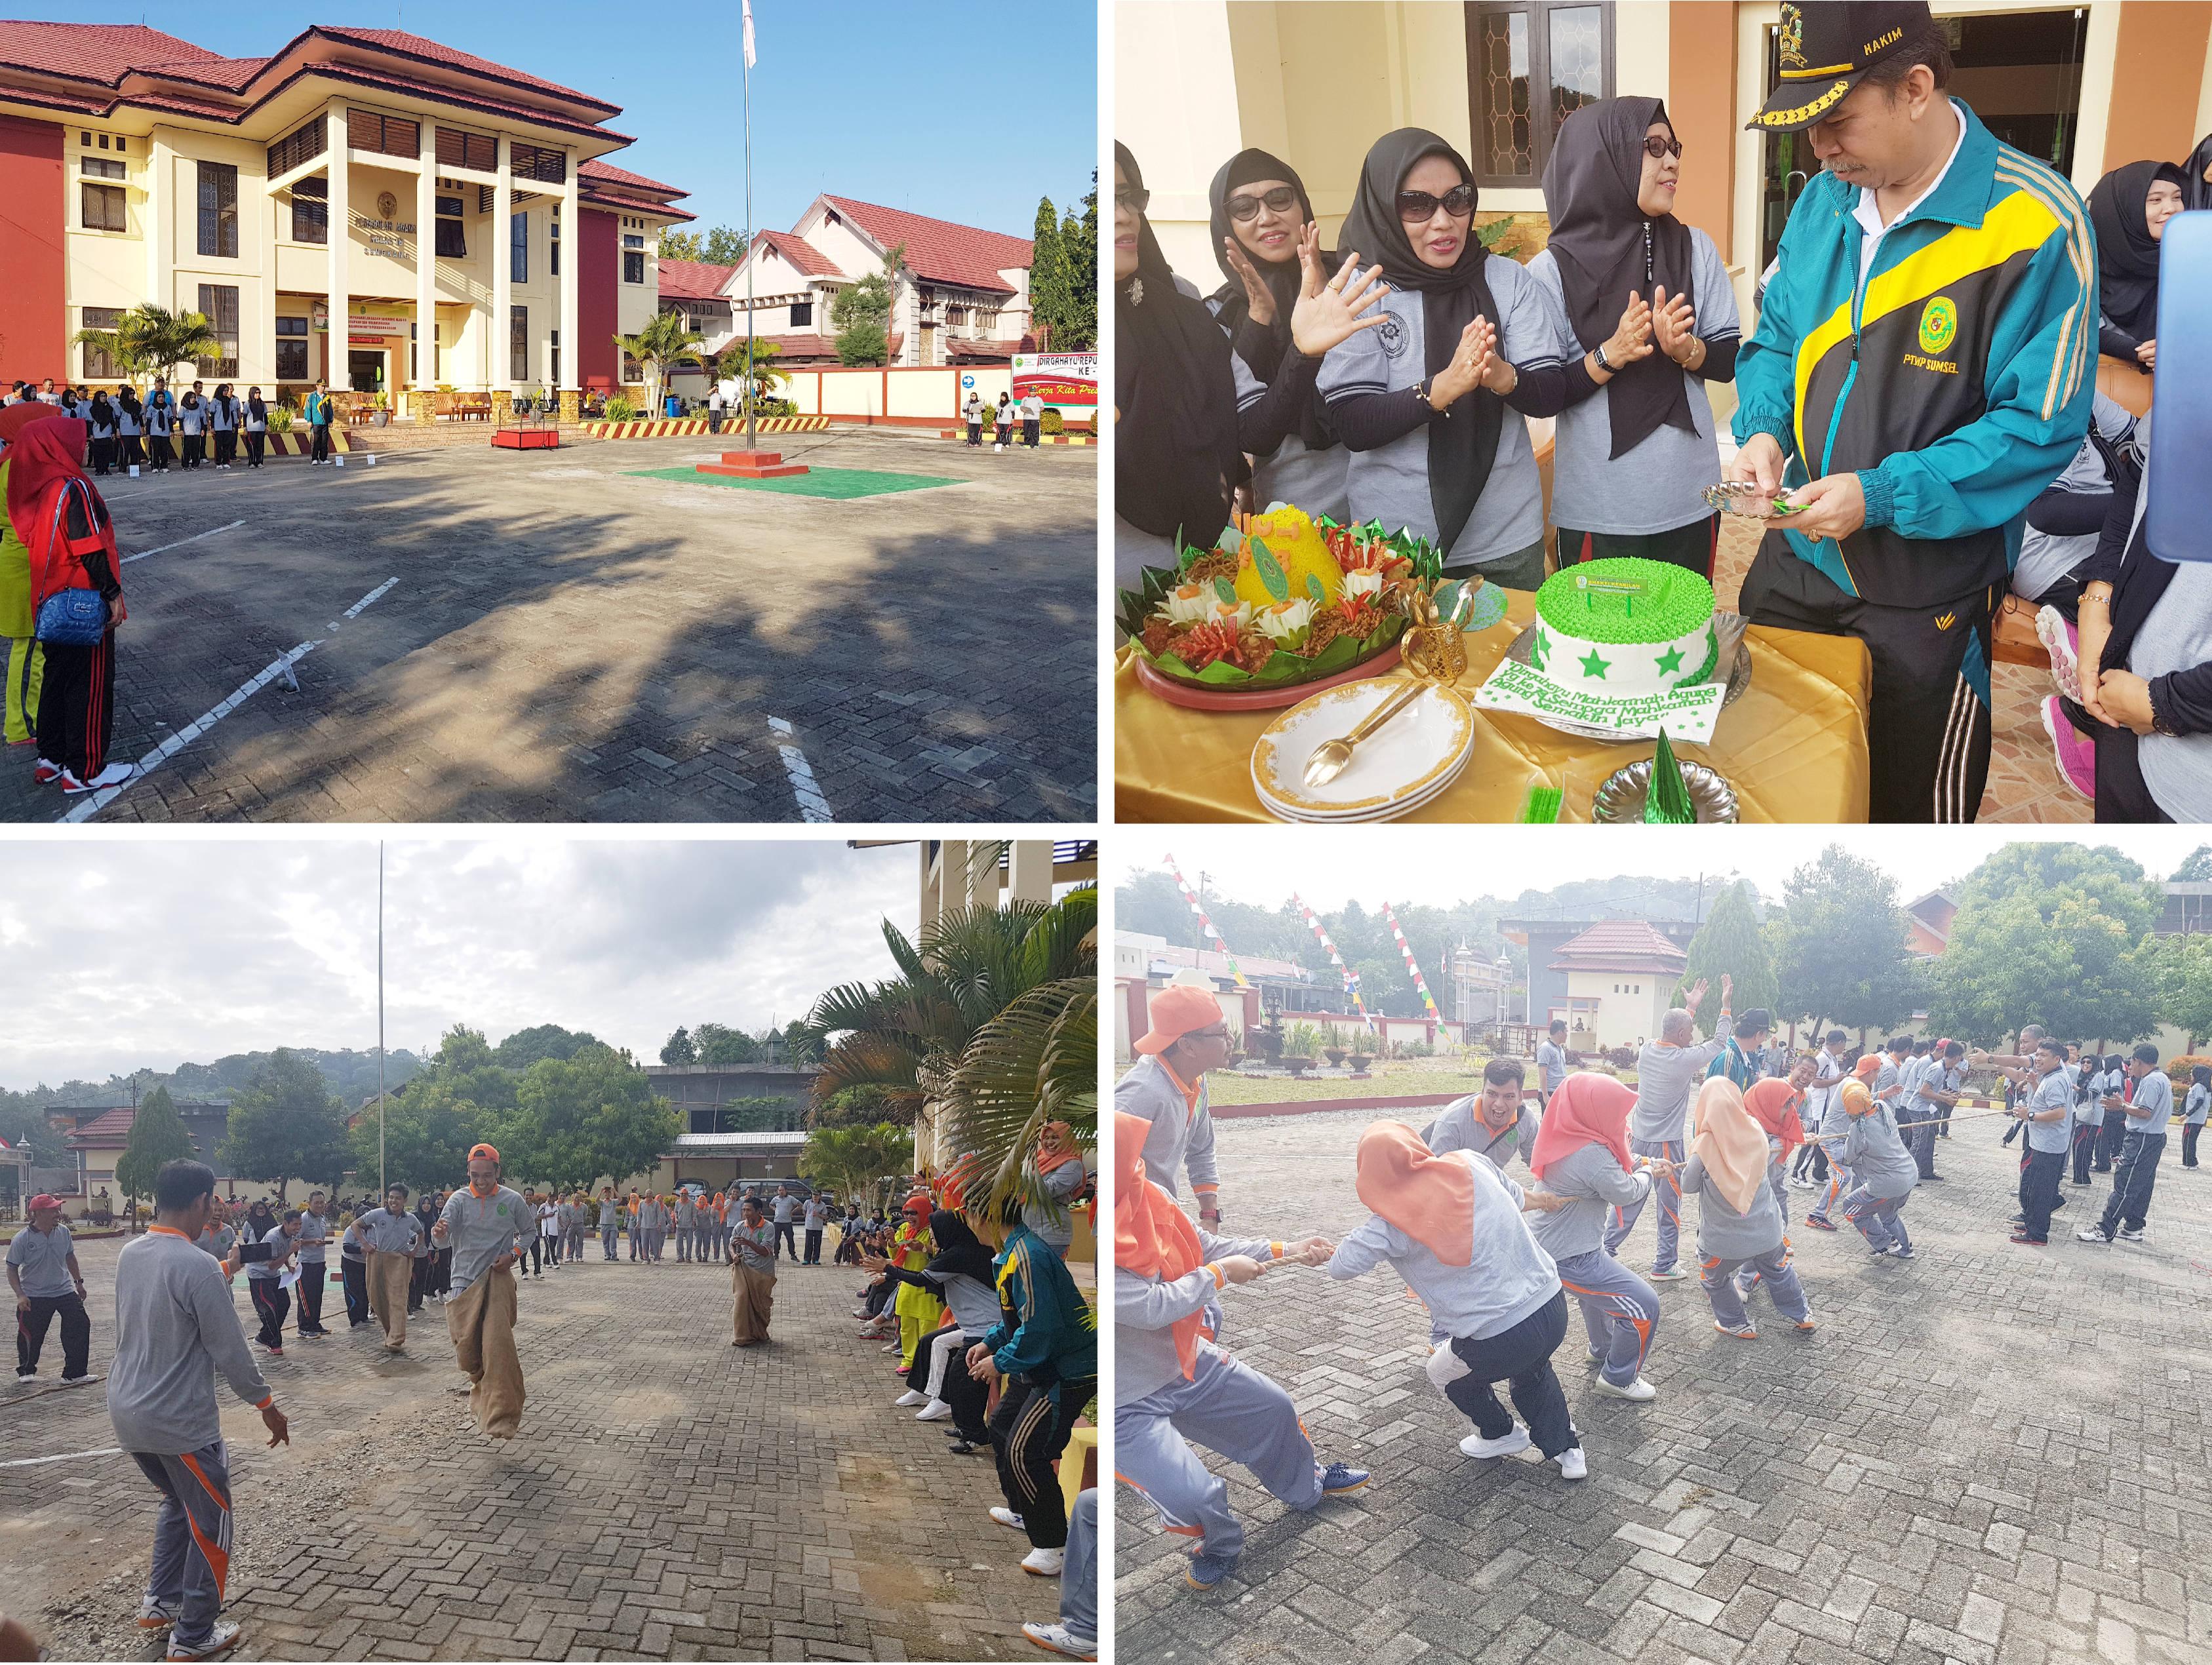 UPACARA PERINGATAN HUT MAHKAMAH AGUNG RI KE-73 TAHUN 2018